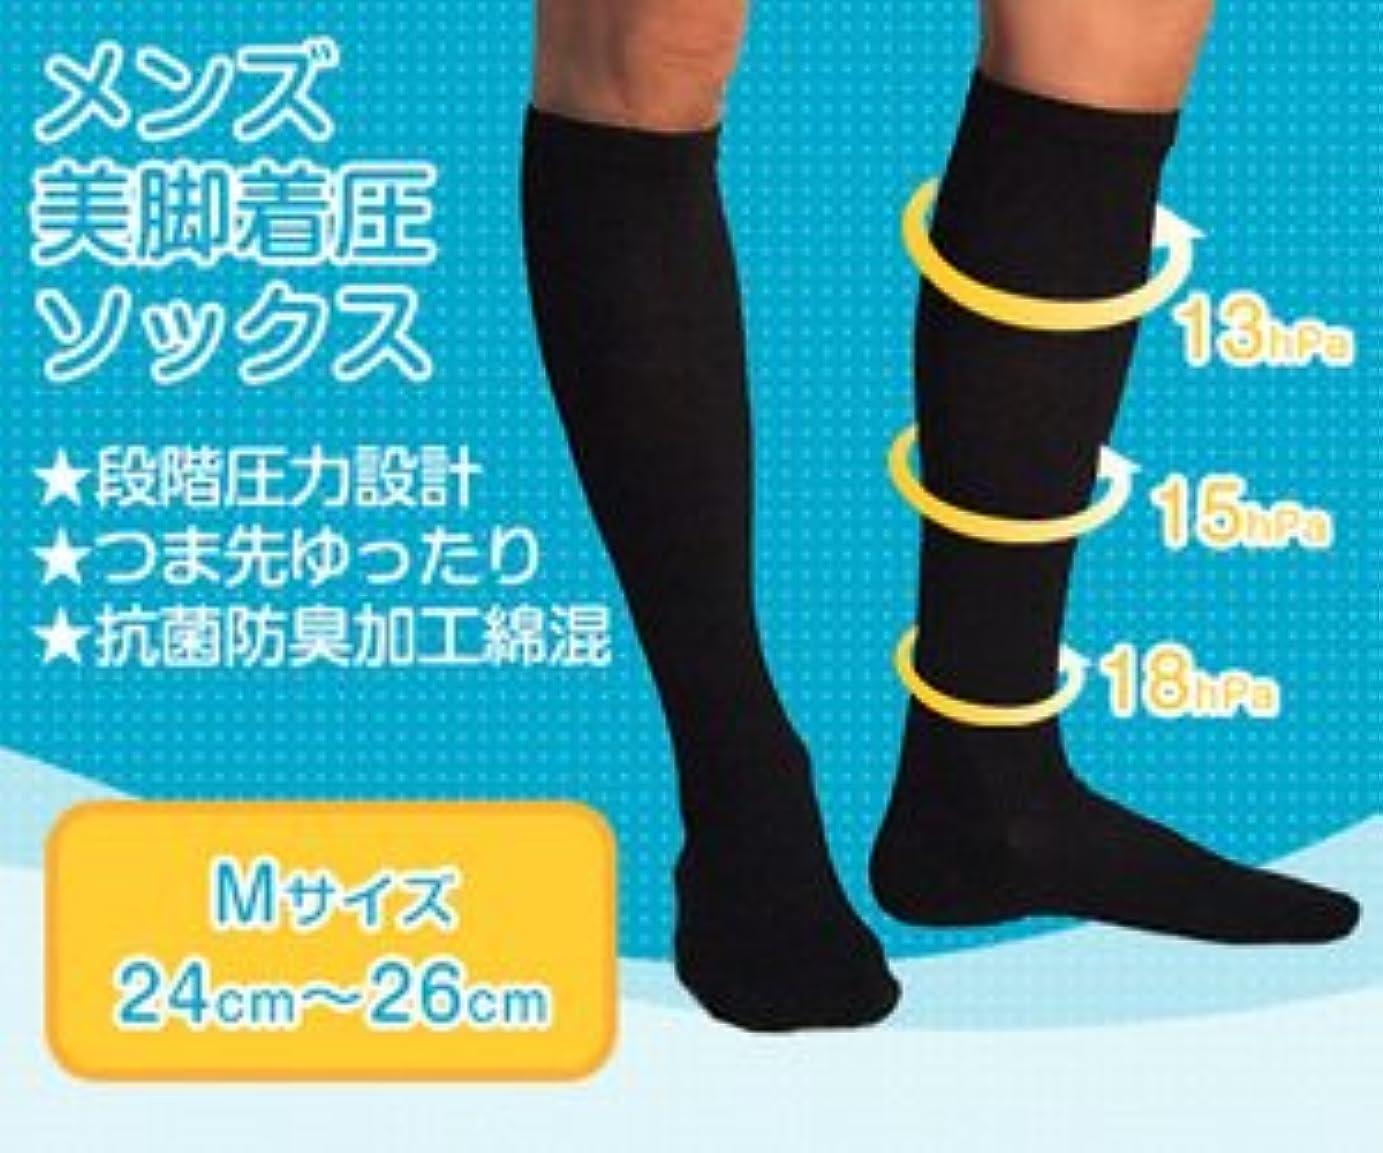 本質的ではないフォーマル検閲5足組 男性用 綿 着圧ソックス 足の疲れ むくみ対策 黒 24-26cm 太陽ニット N001M